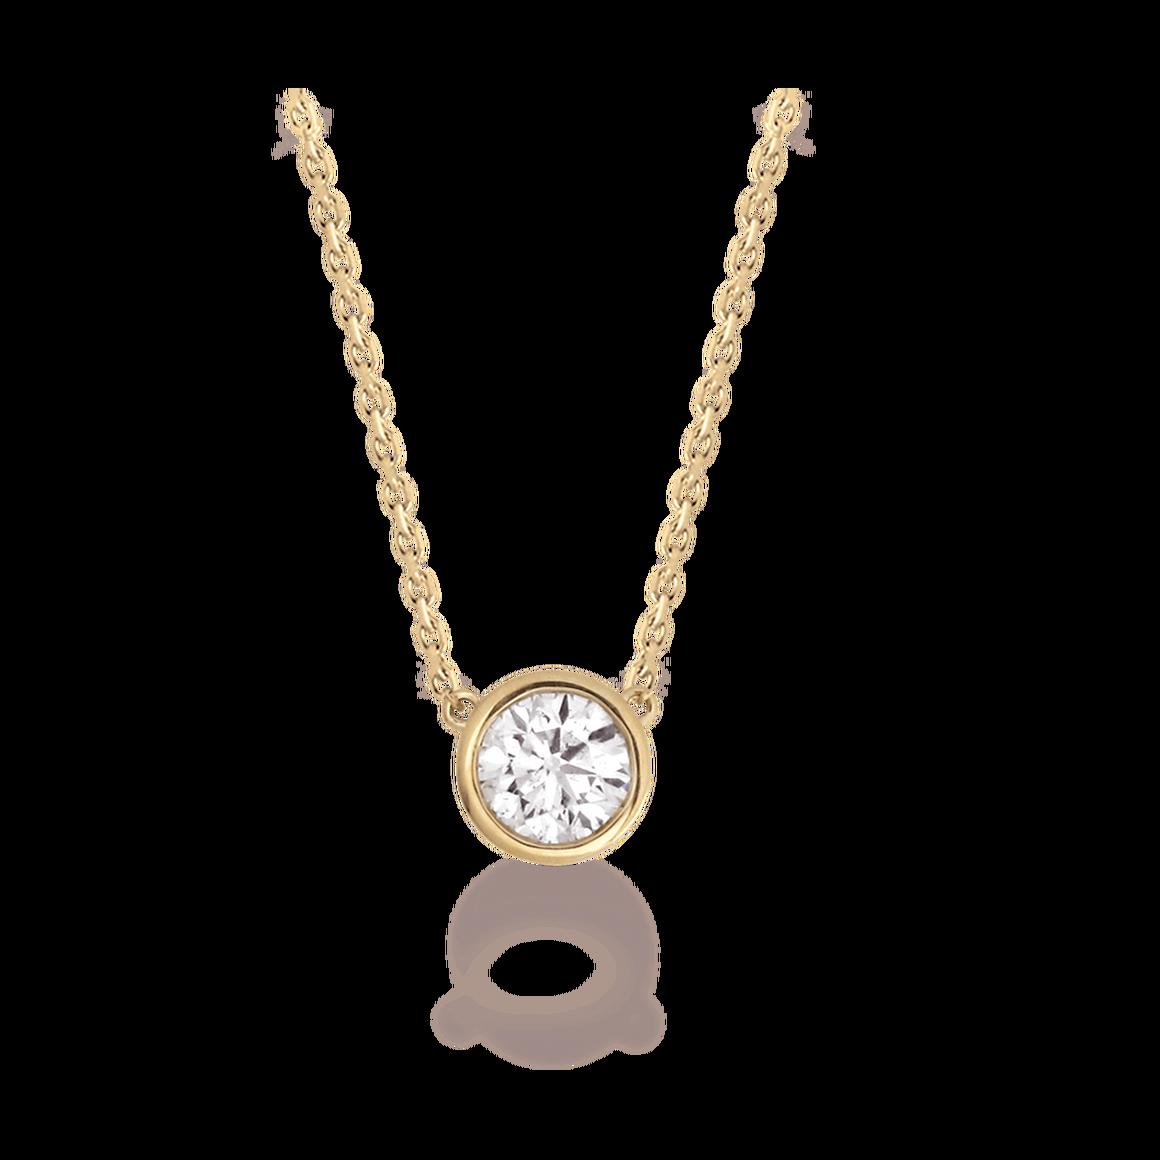 2 ct solitaire collier pendentif et chaîne 14k solide or blanc Round Cut